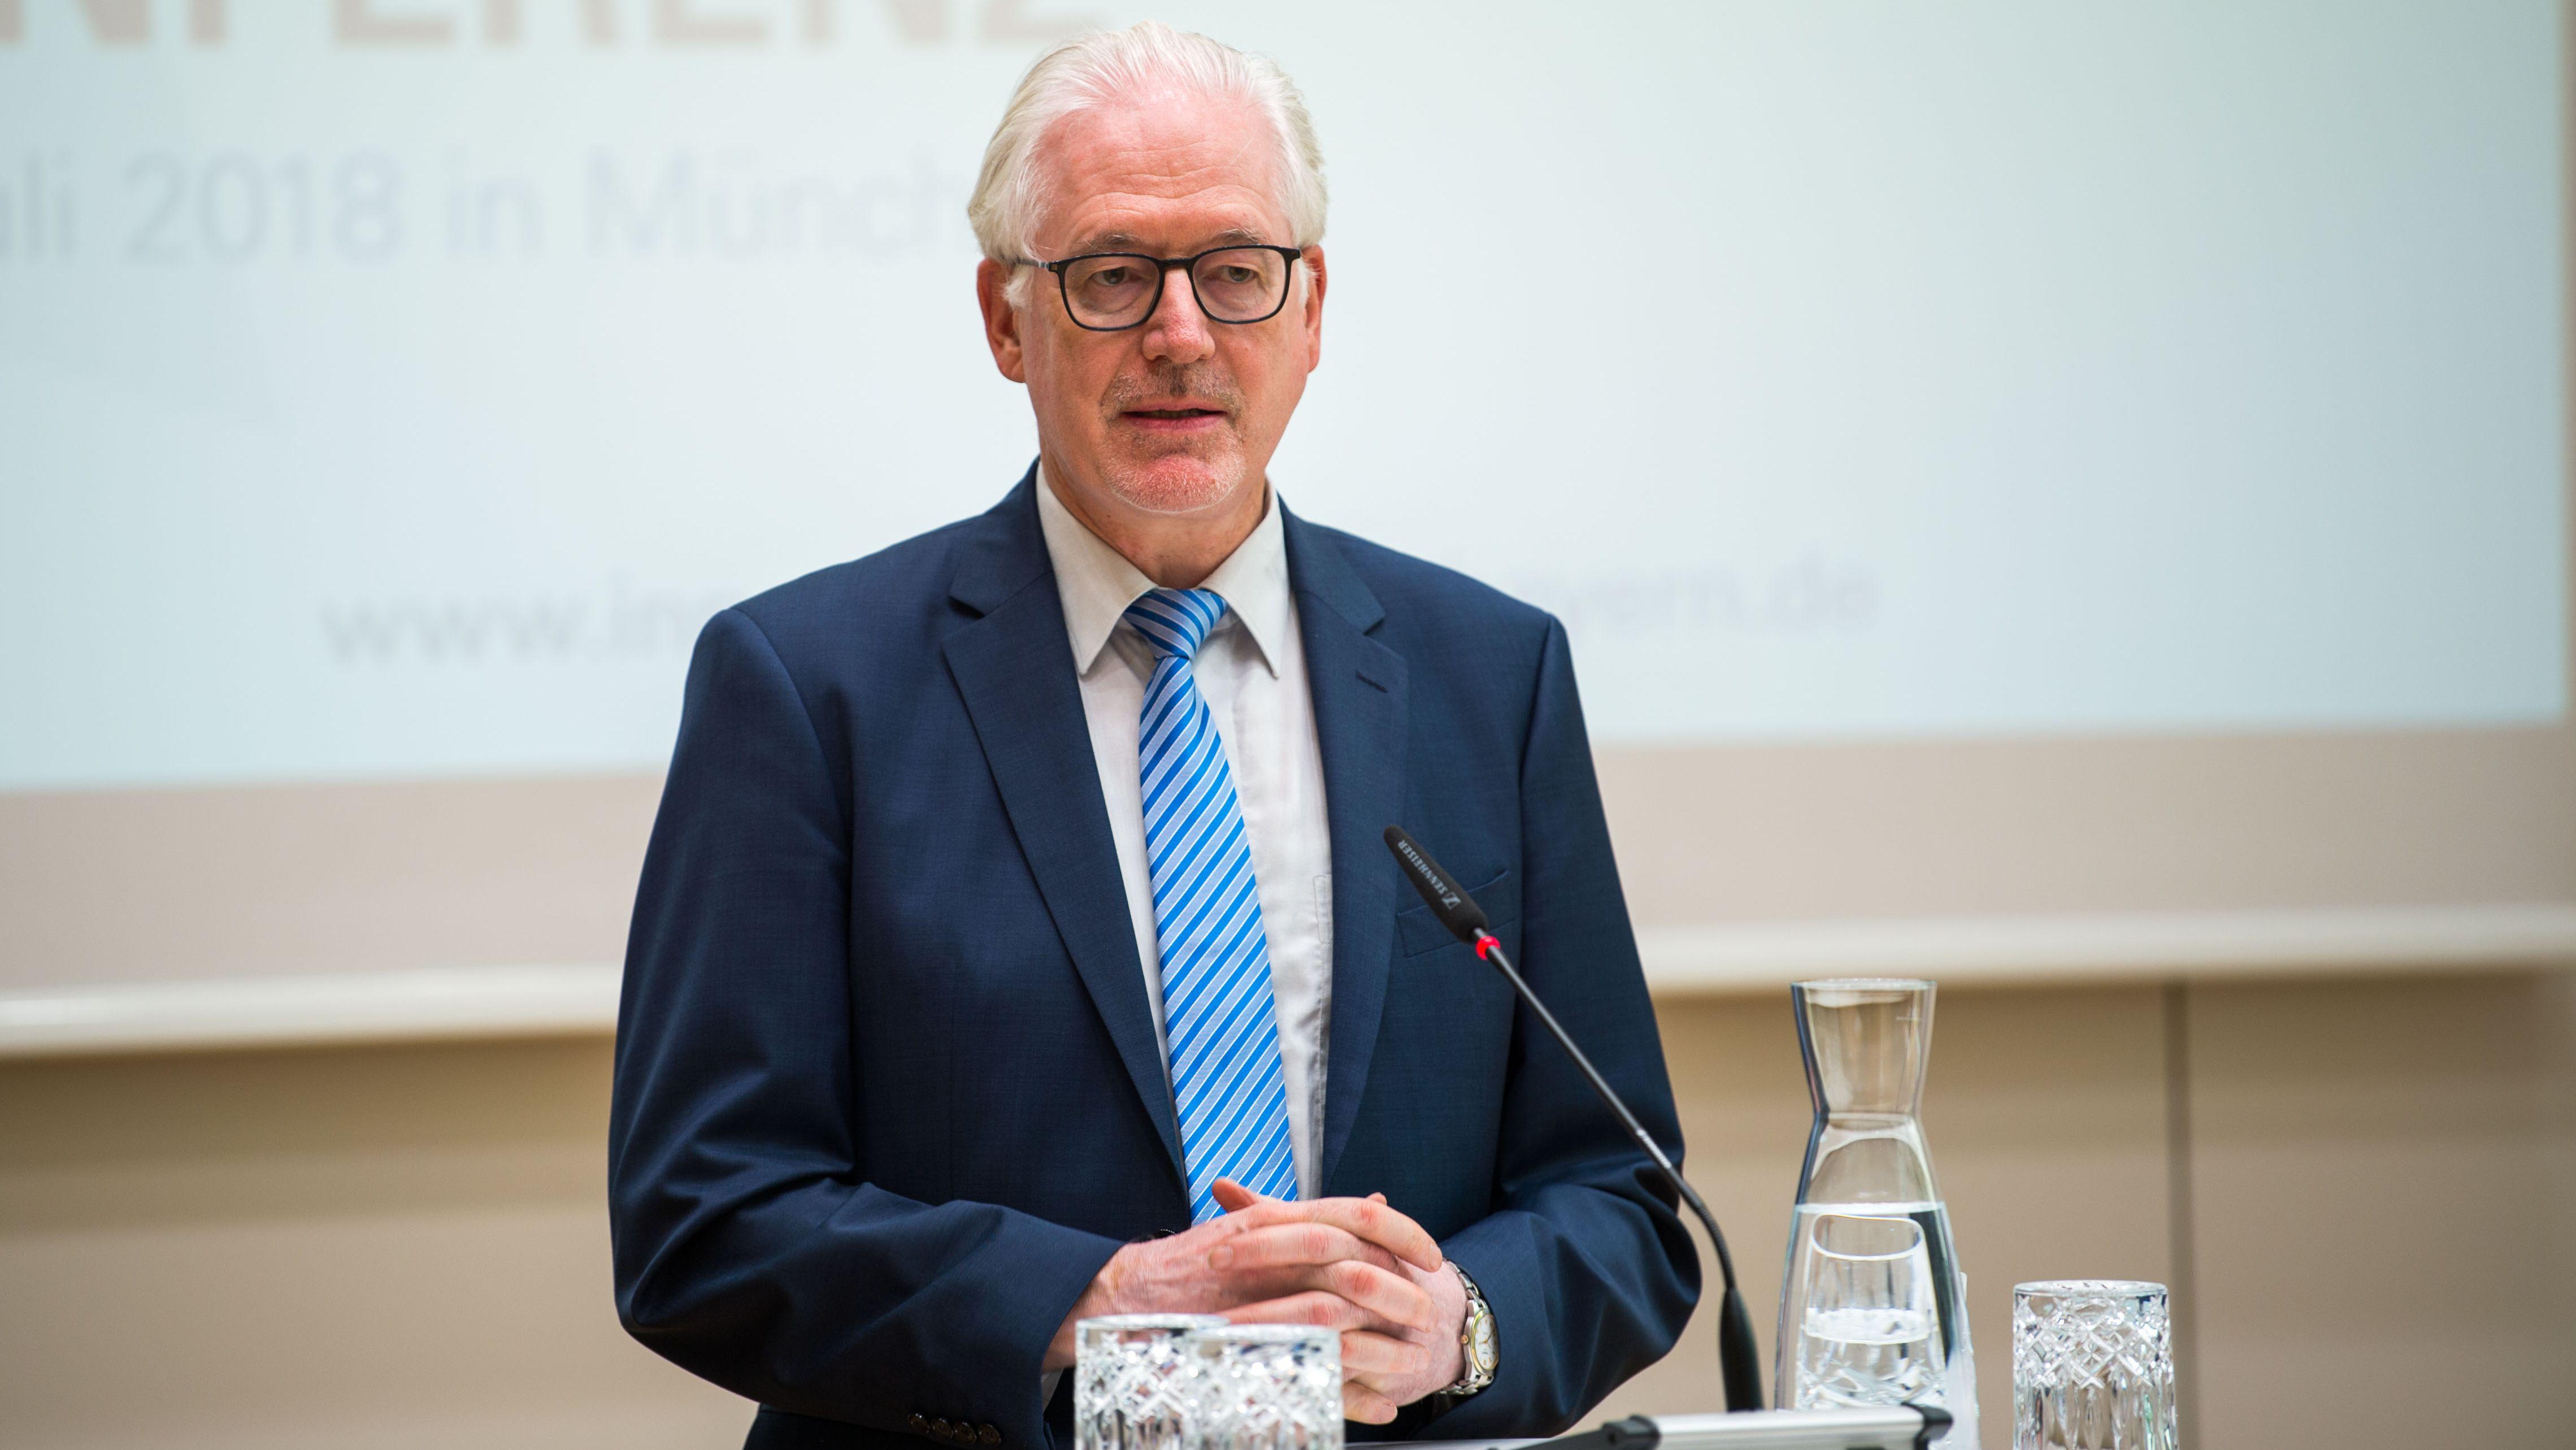 Der Präsident der Diakonie in Bayern: Michael Bammessel.